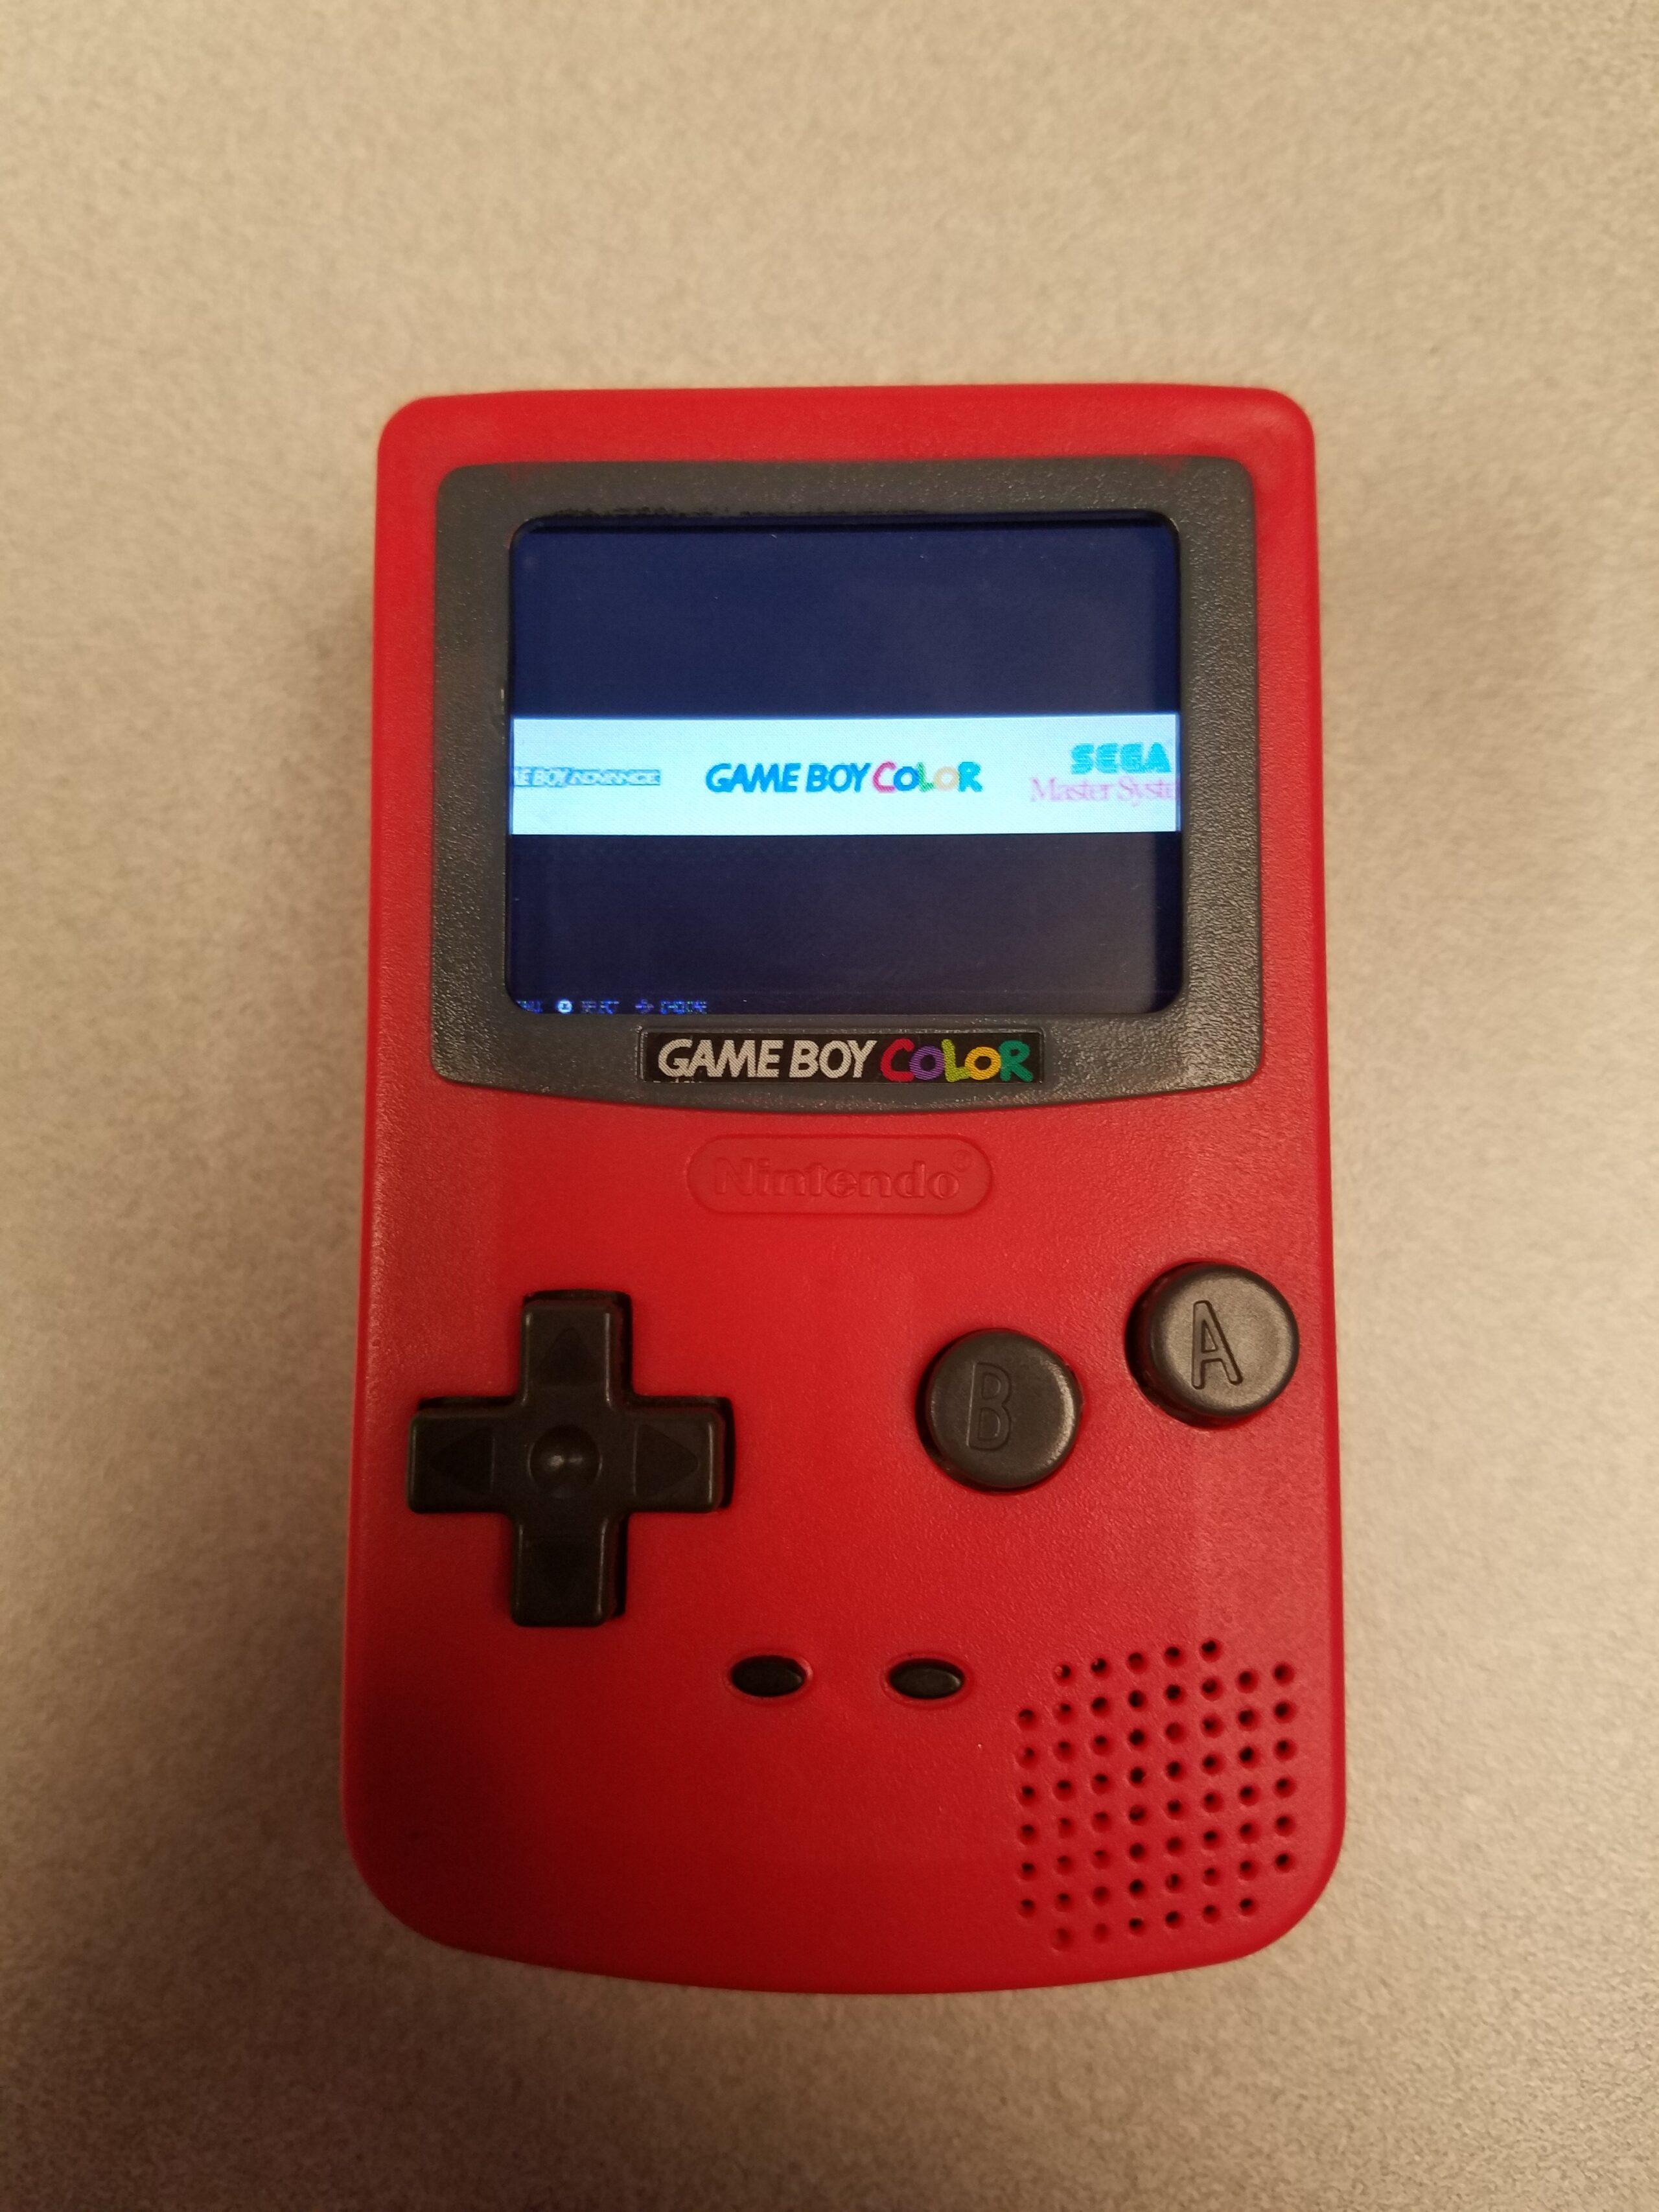 Der Gameboy Color wird emuliert. (Foto: Chase Lambeth)